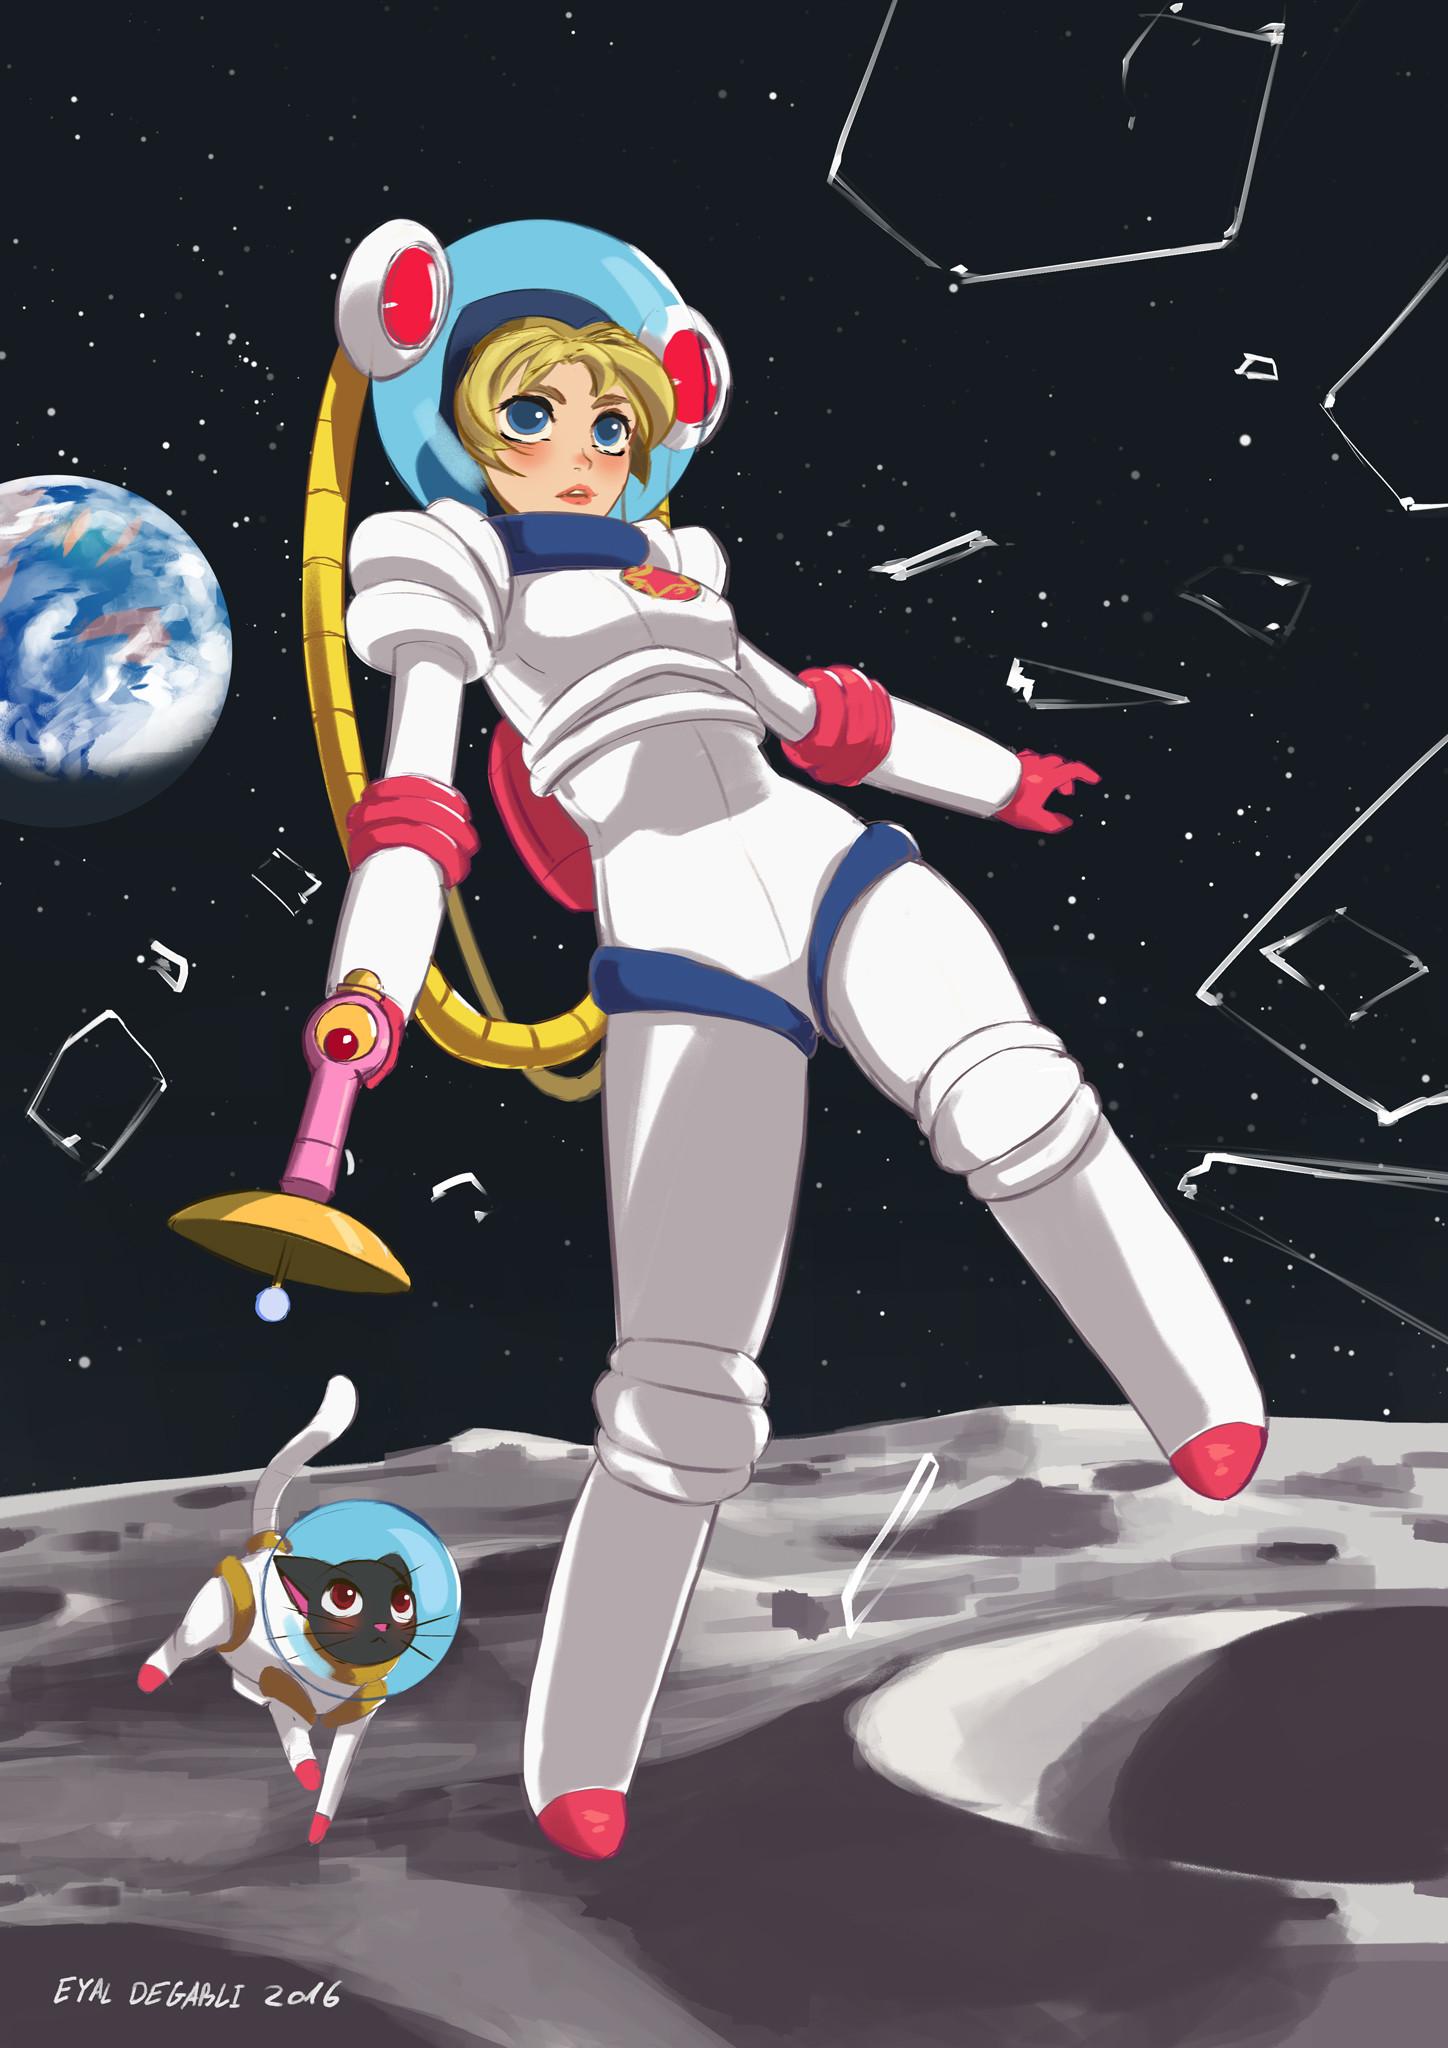 Sailor Moon Lander, ¡protegiendo el sistema solar planeta a planeta! Mi participación en el reto de diseño de personajes smiley